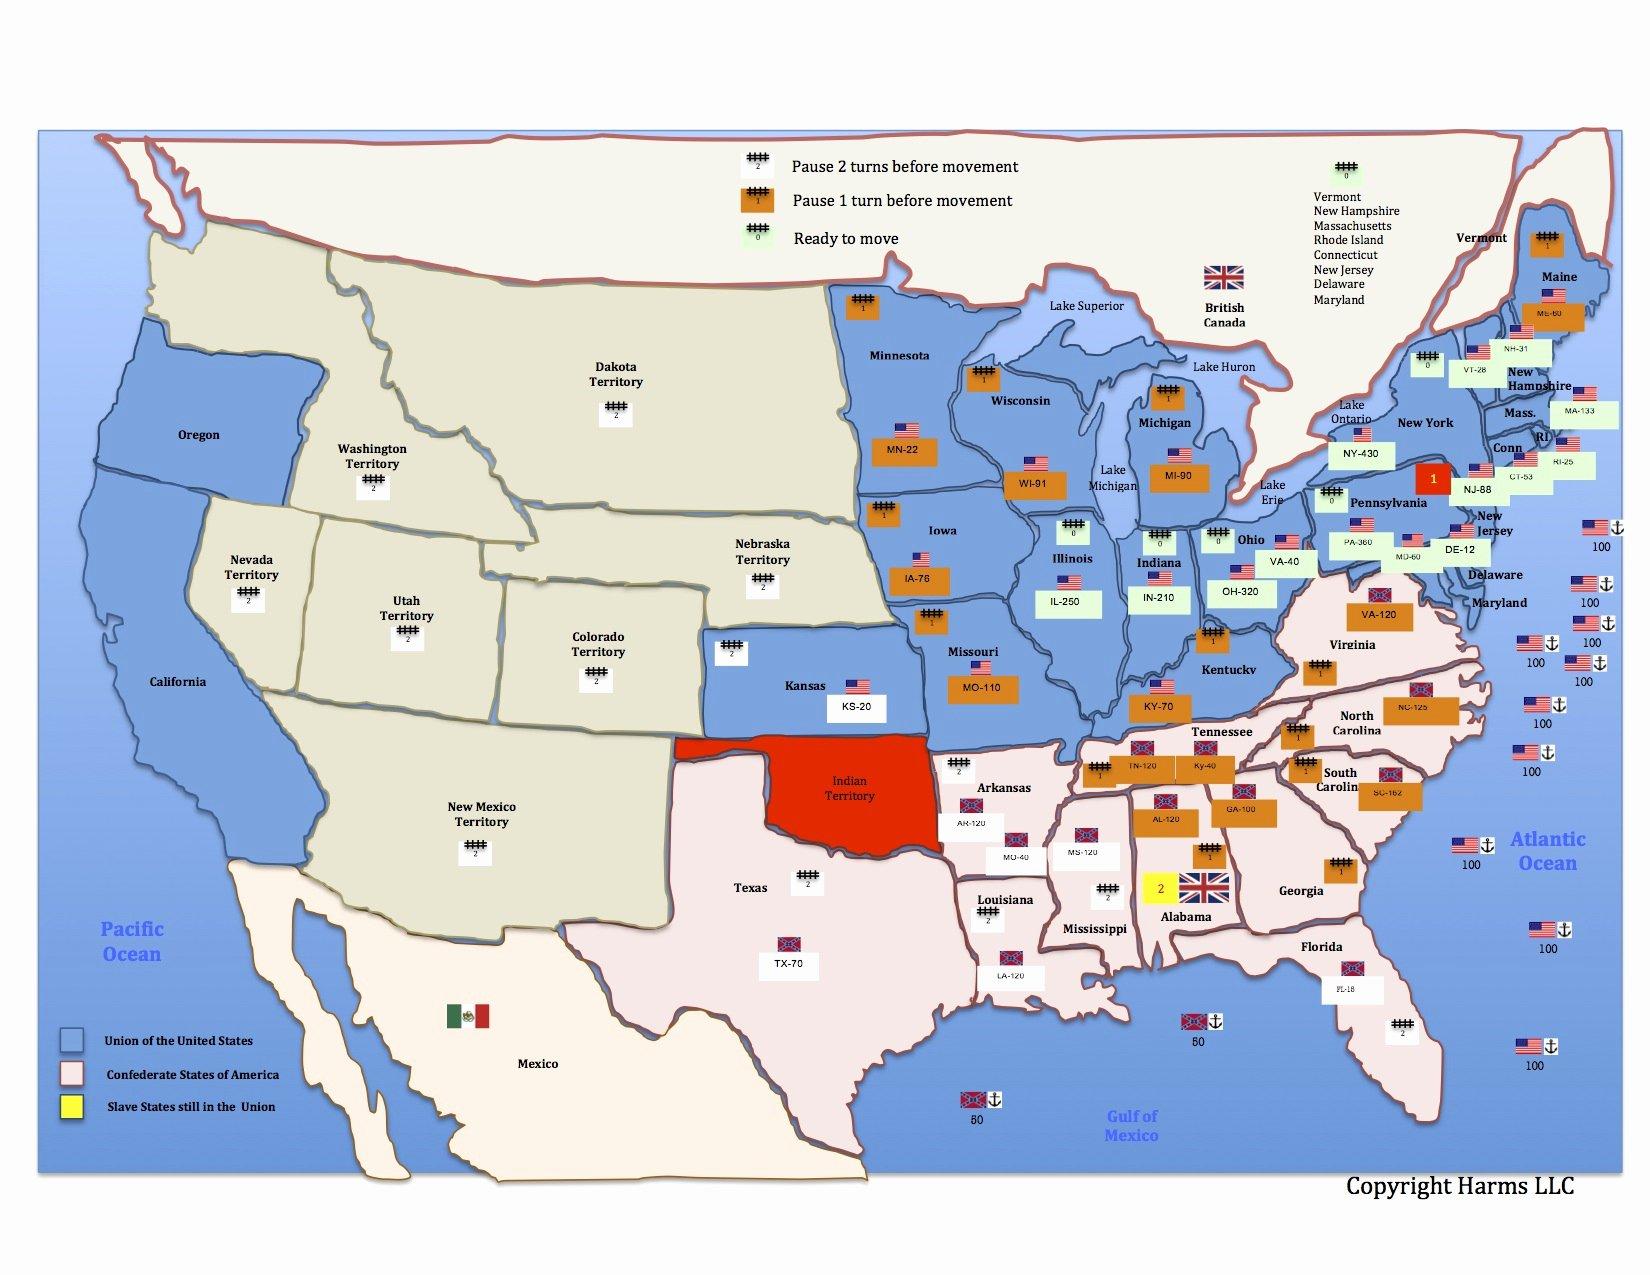 Civil War Battles Map Worksheet Best Of Texas Civil War Battle Map Worksheet the Best Worksheets